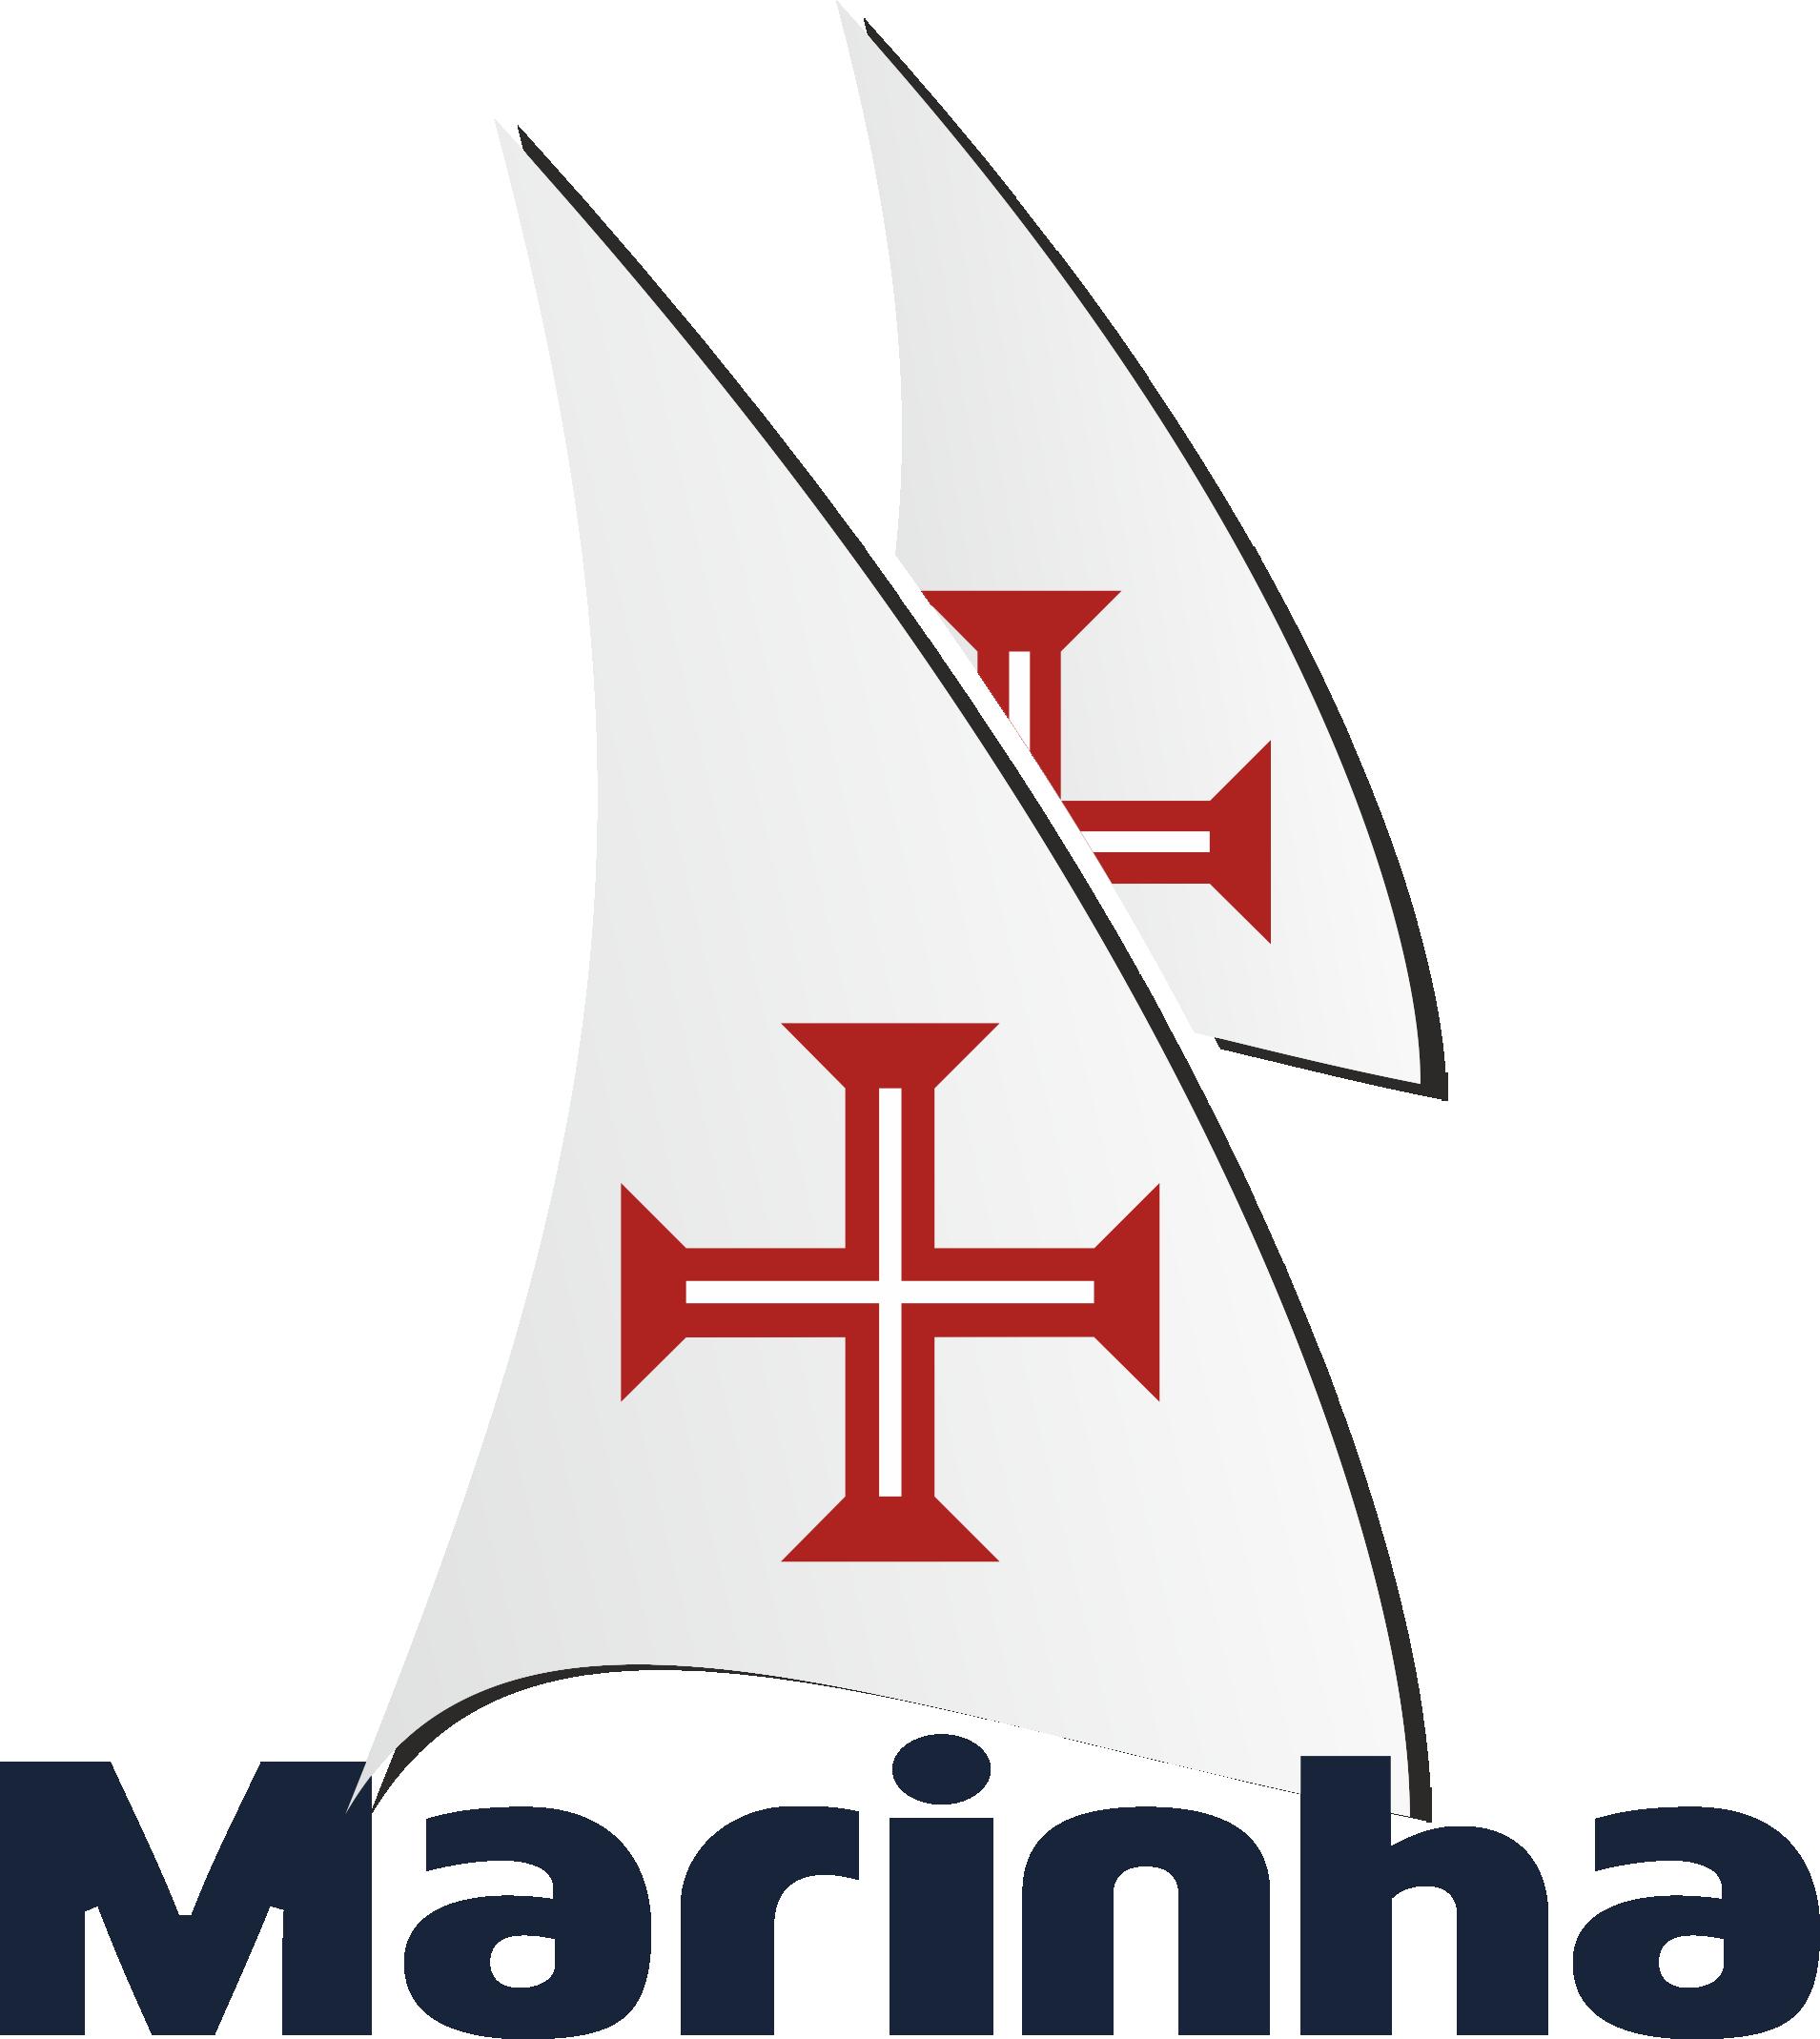 Marina portuguesa